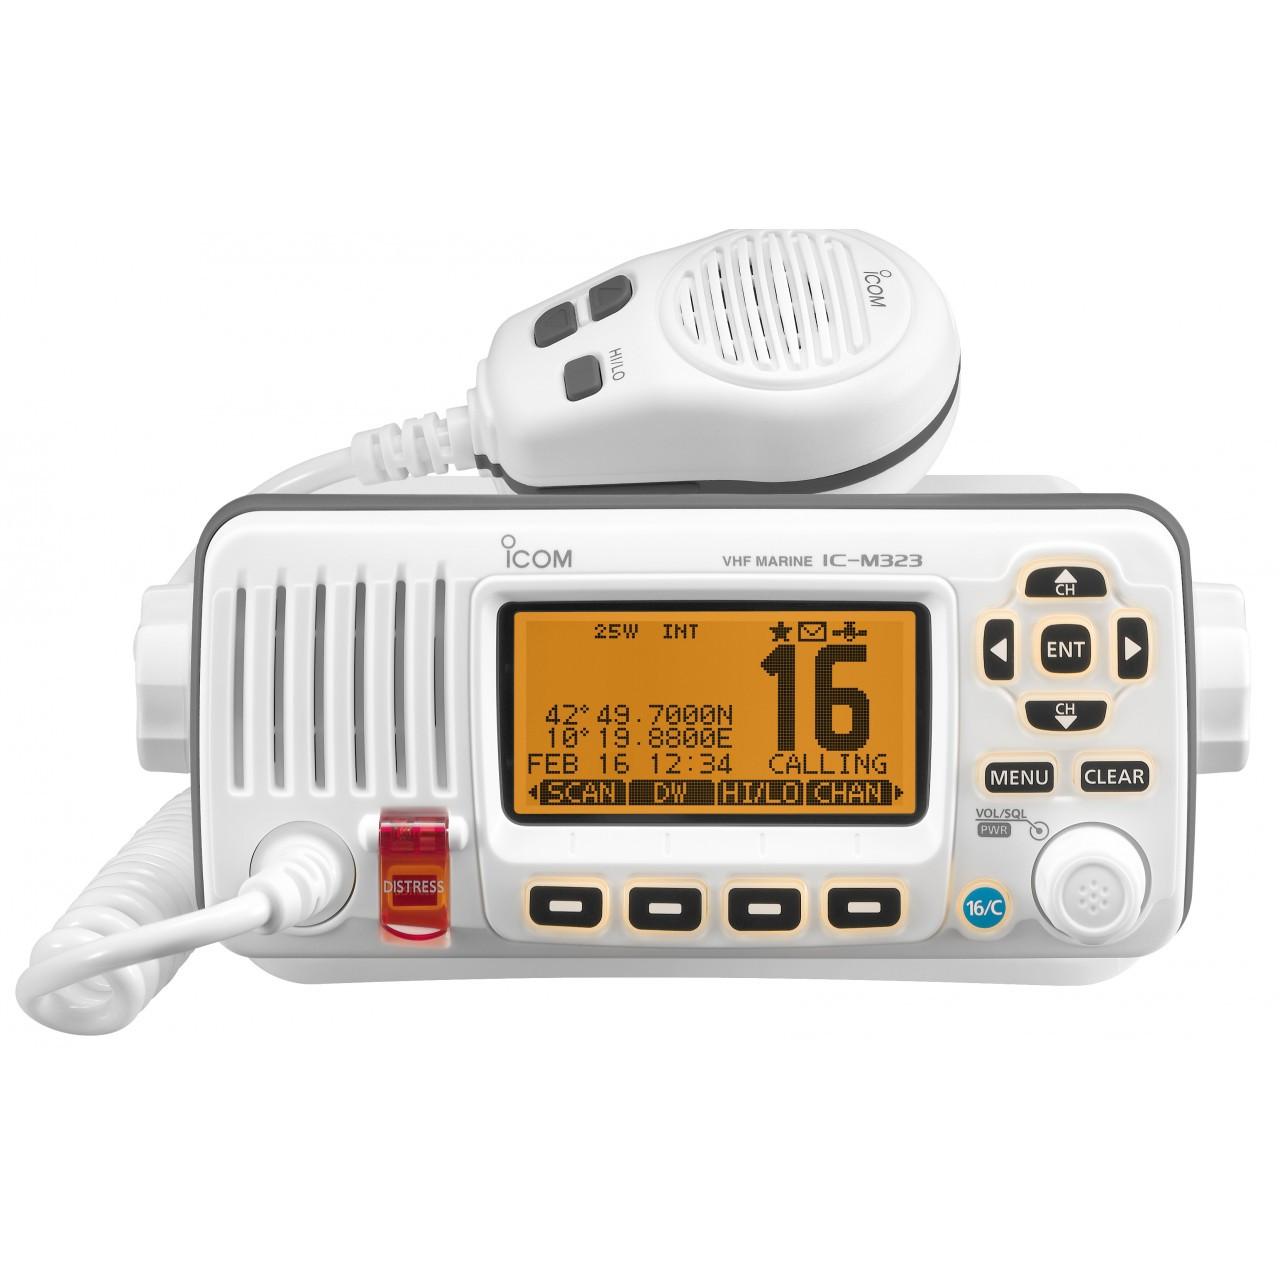 Морская радиостанция ICOM IC-M323G  (Бортовая , стационарная)